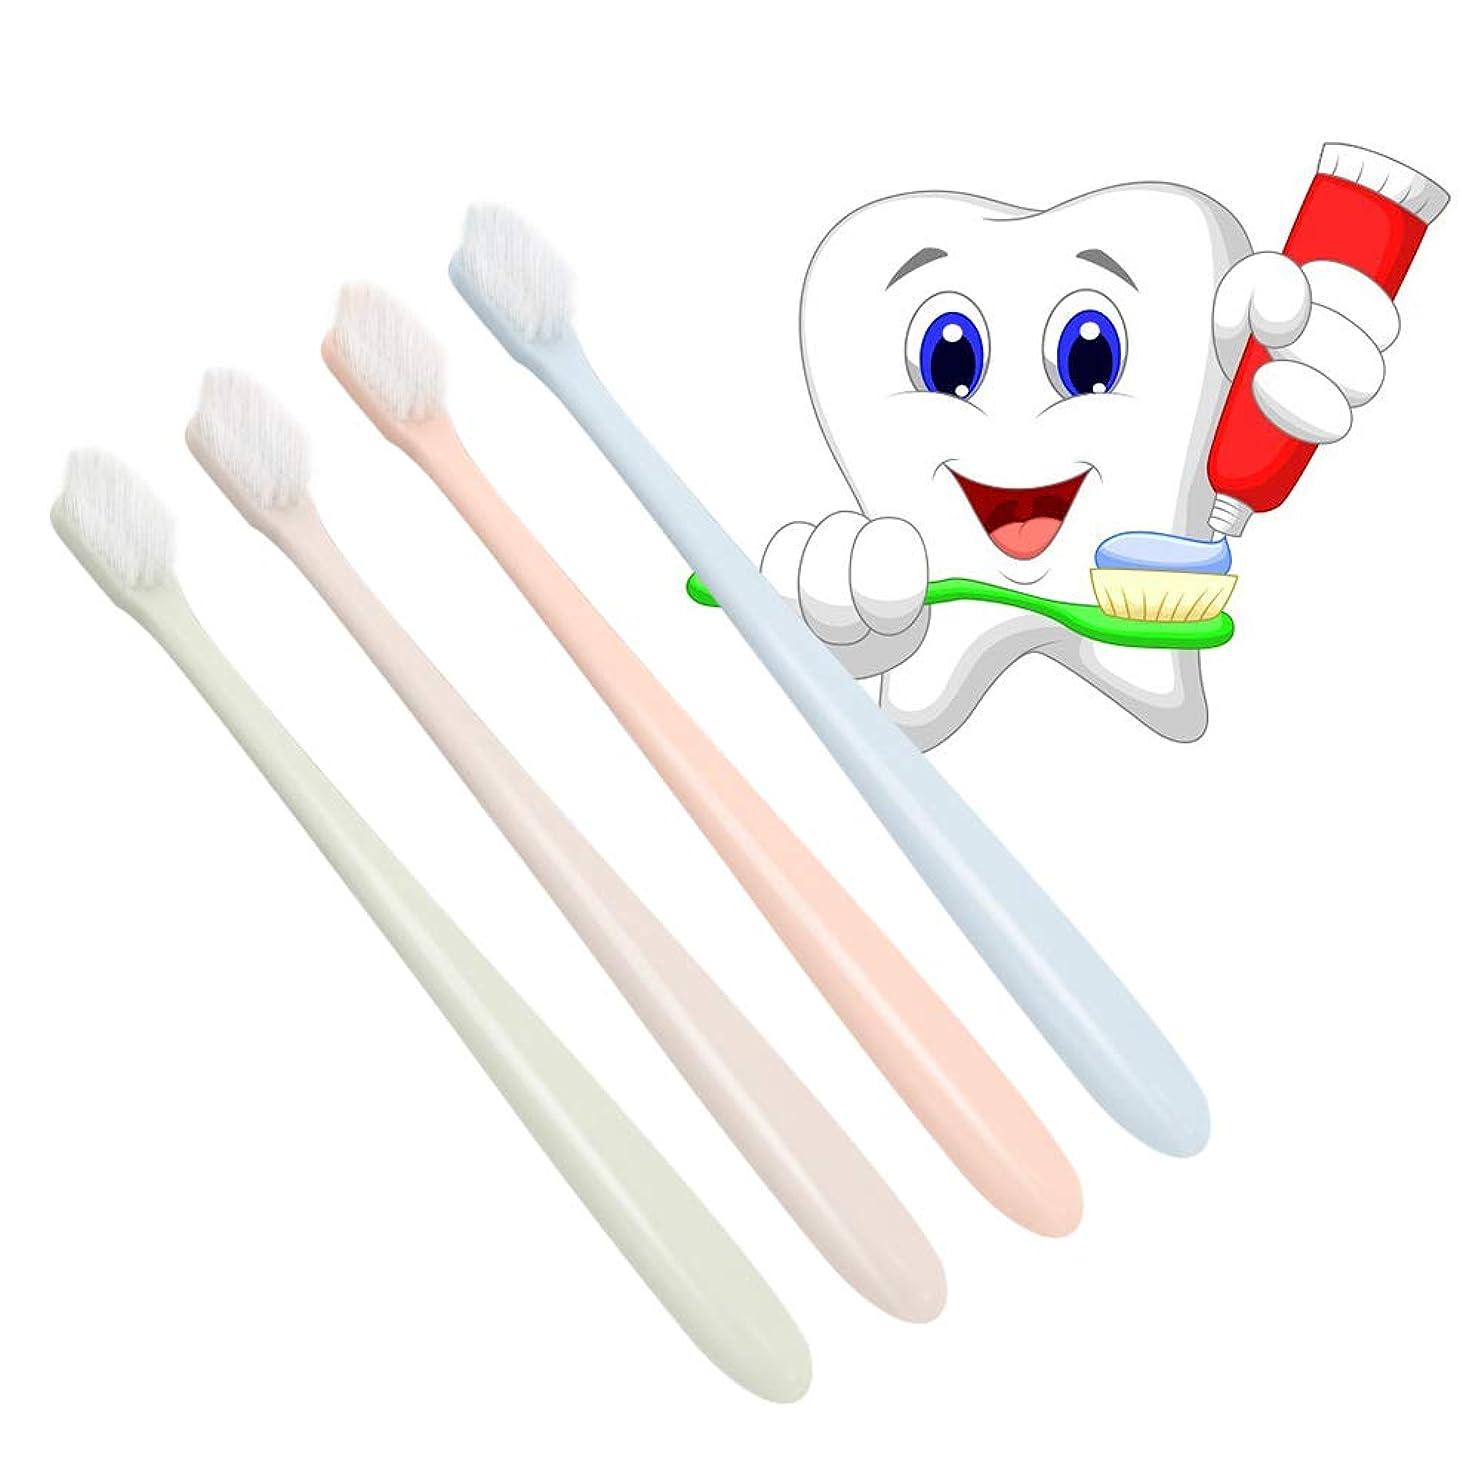 オプション詳細な設計図Decdeal 歯ブラシ 4本入り 大人の歯ブラシ 柔らかい 携帯用